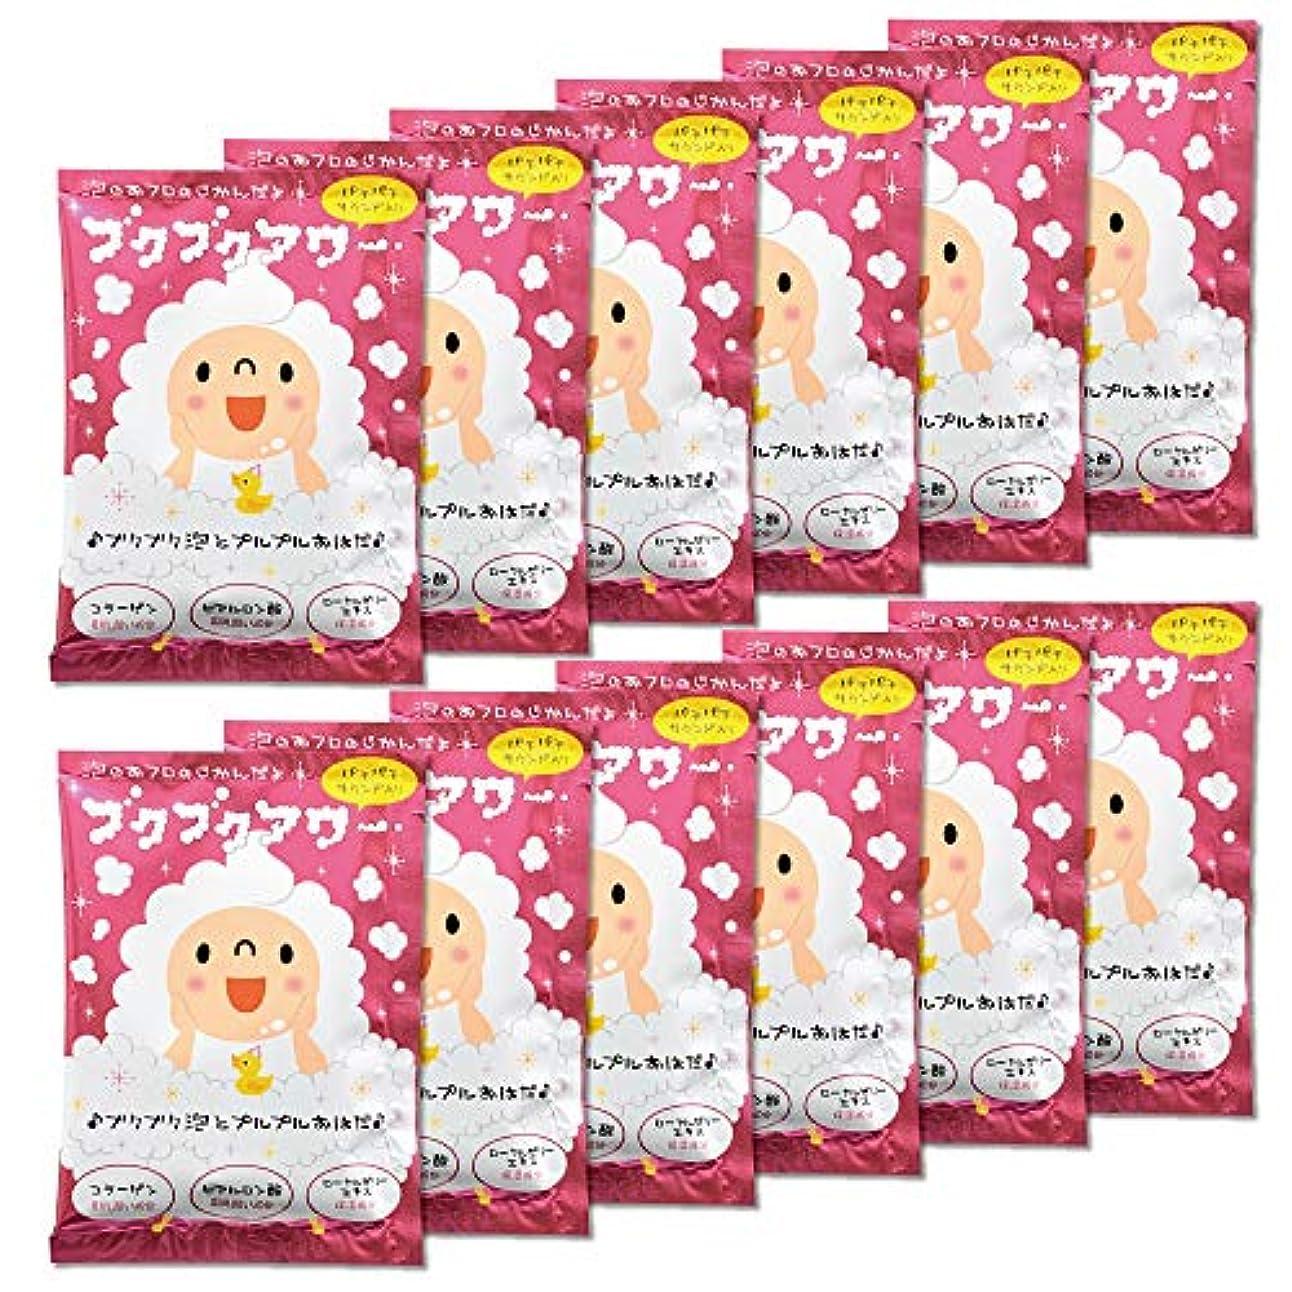 平日みなさん好きであるブクブクアワー 入浴剤 40g 1回分×12包入 大容量 まとめ買い